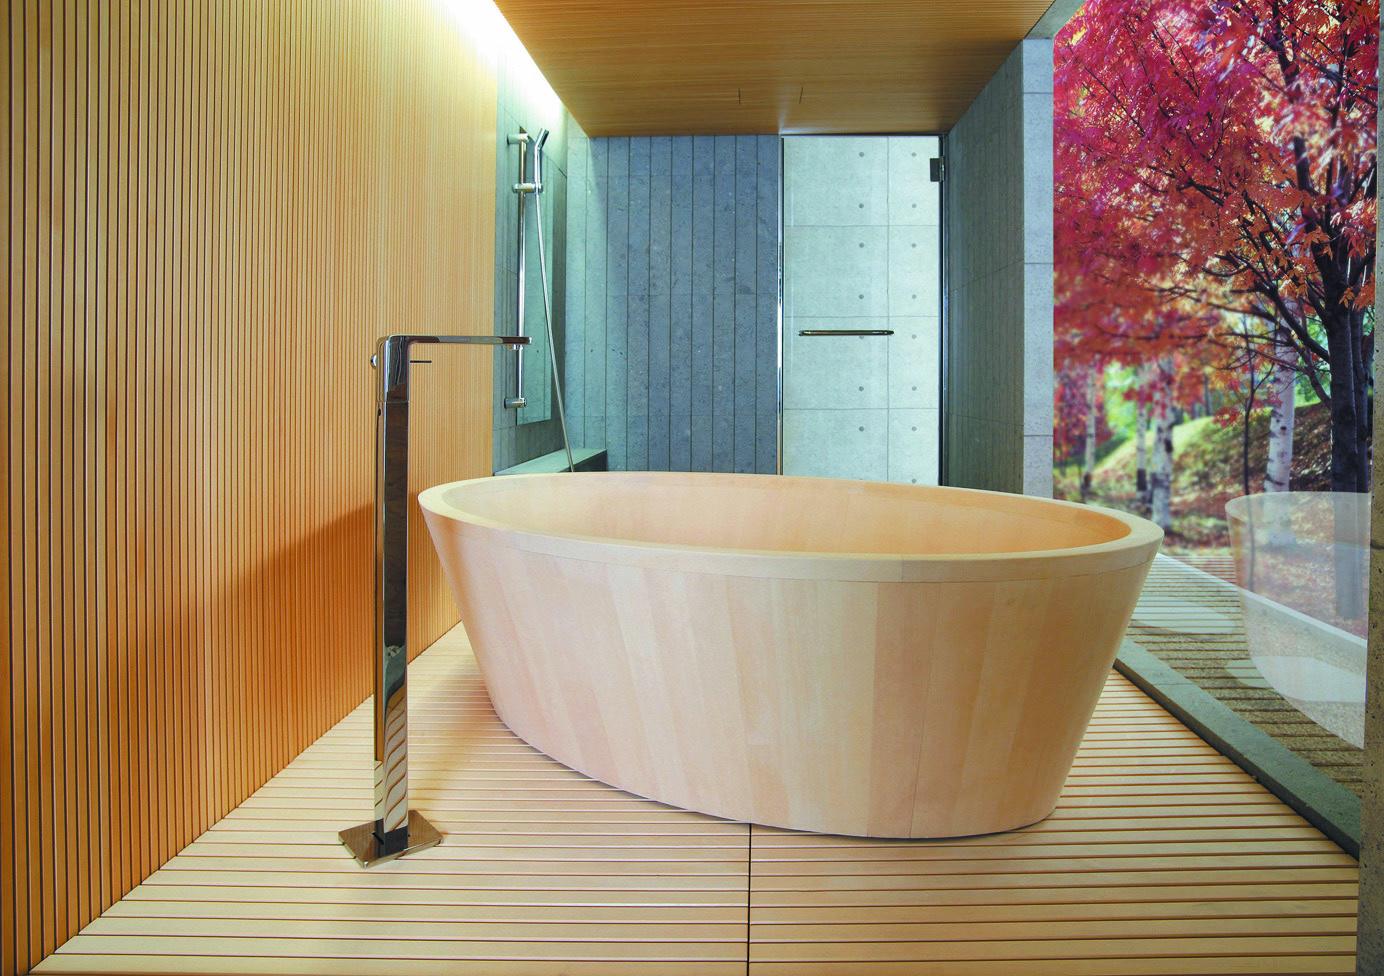 檜の香りと手ざわり、優美な曲線 檜のお風呂「O-Bath(オーバス)」